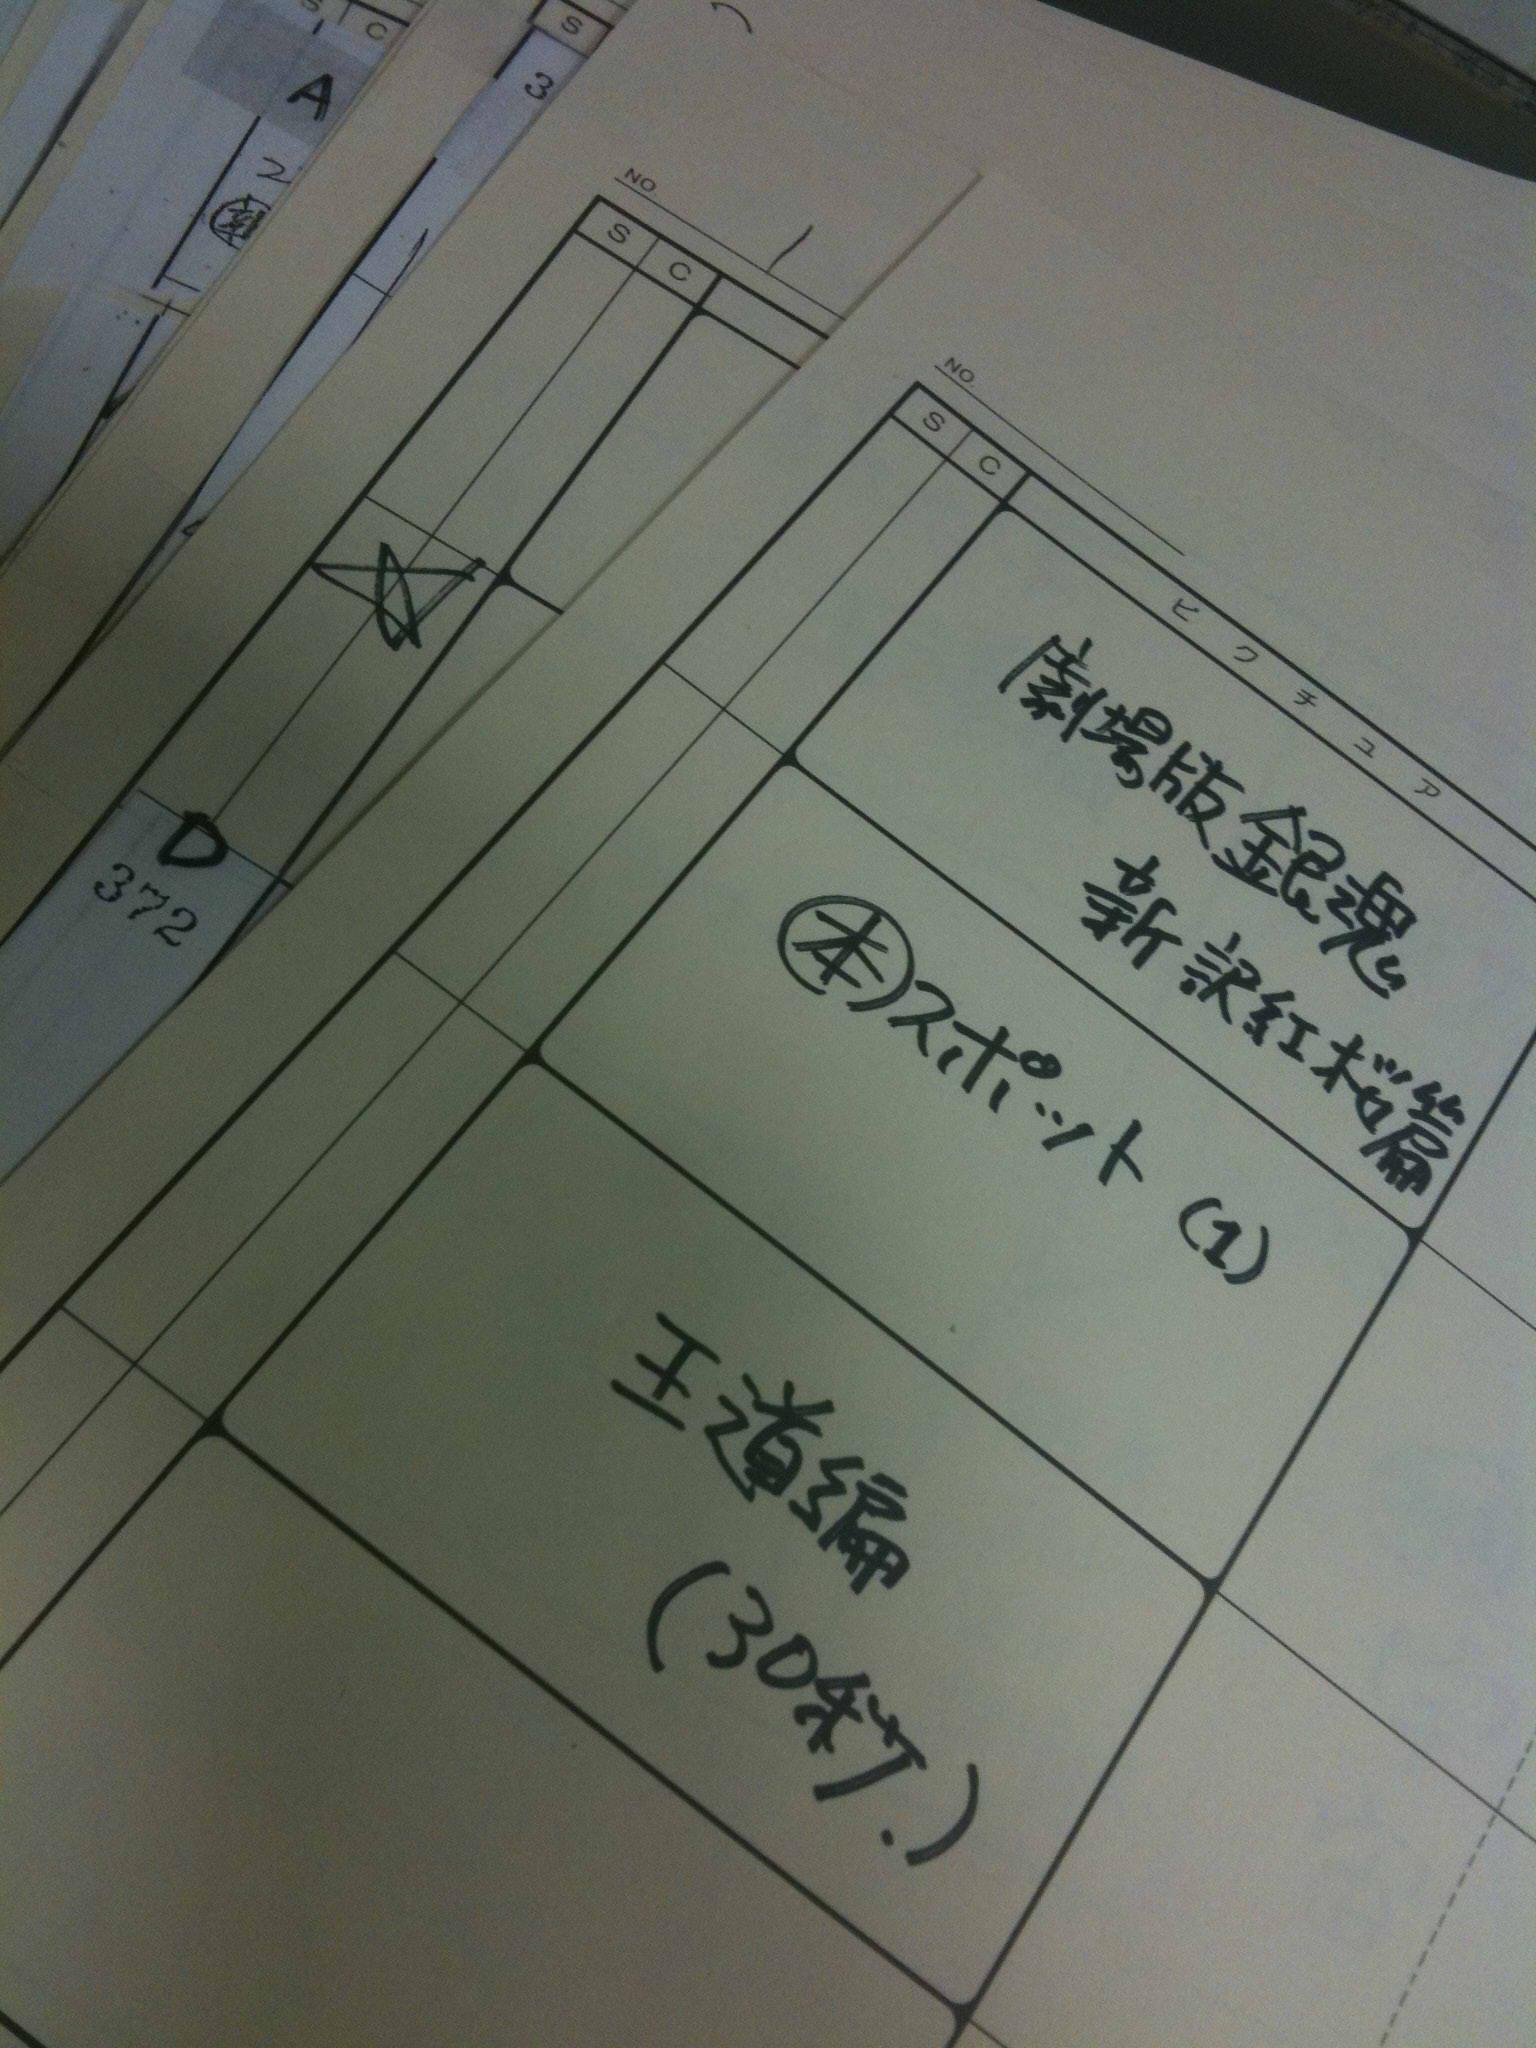 劇場版 銀魂00